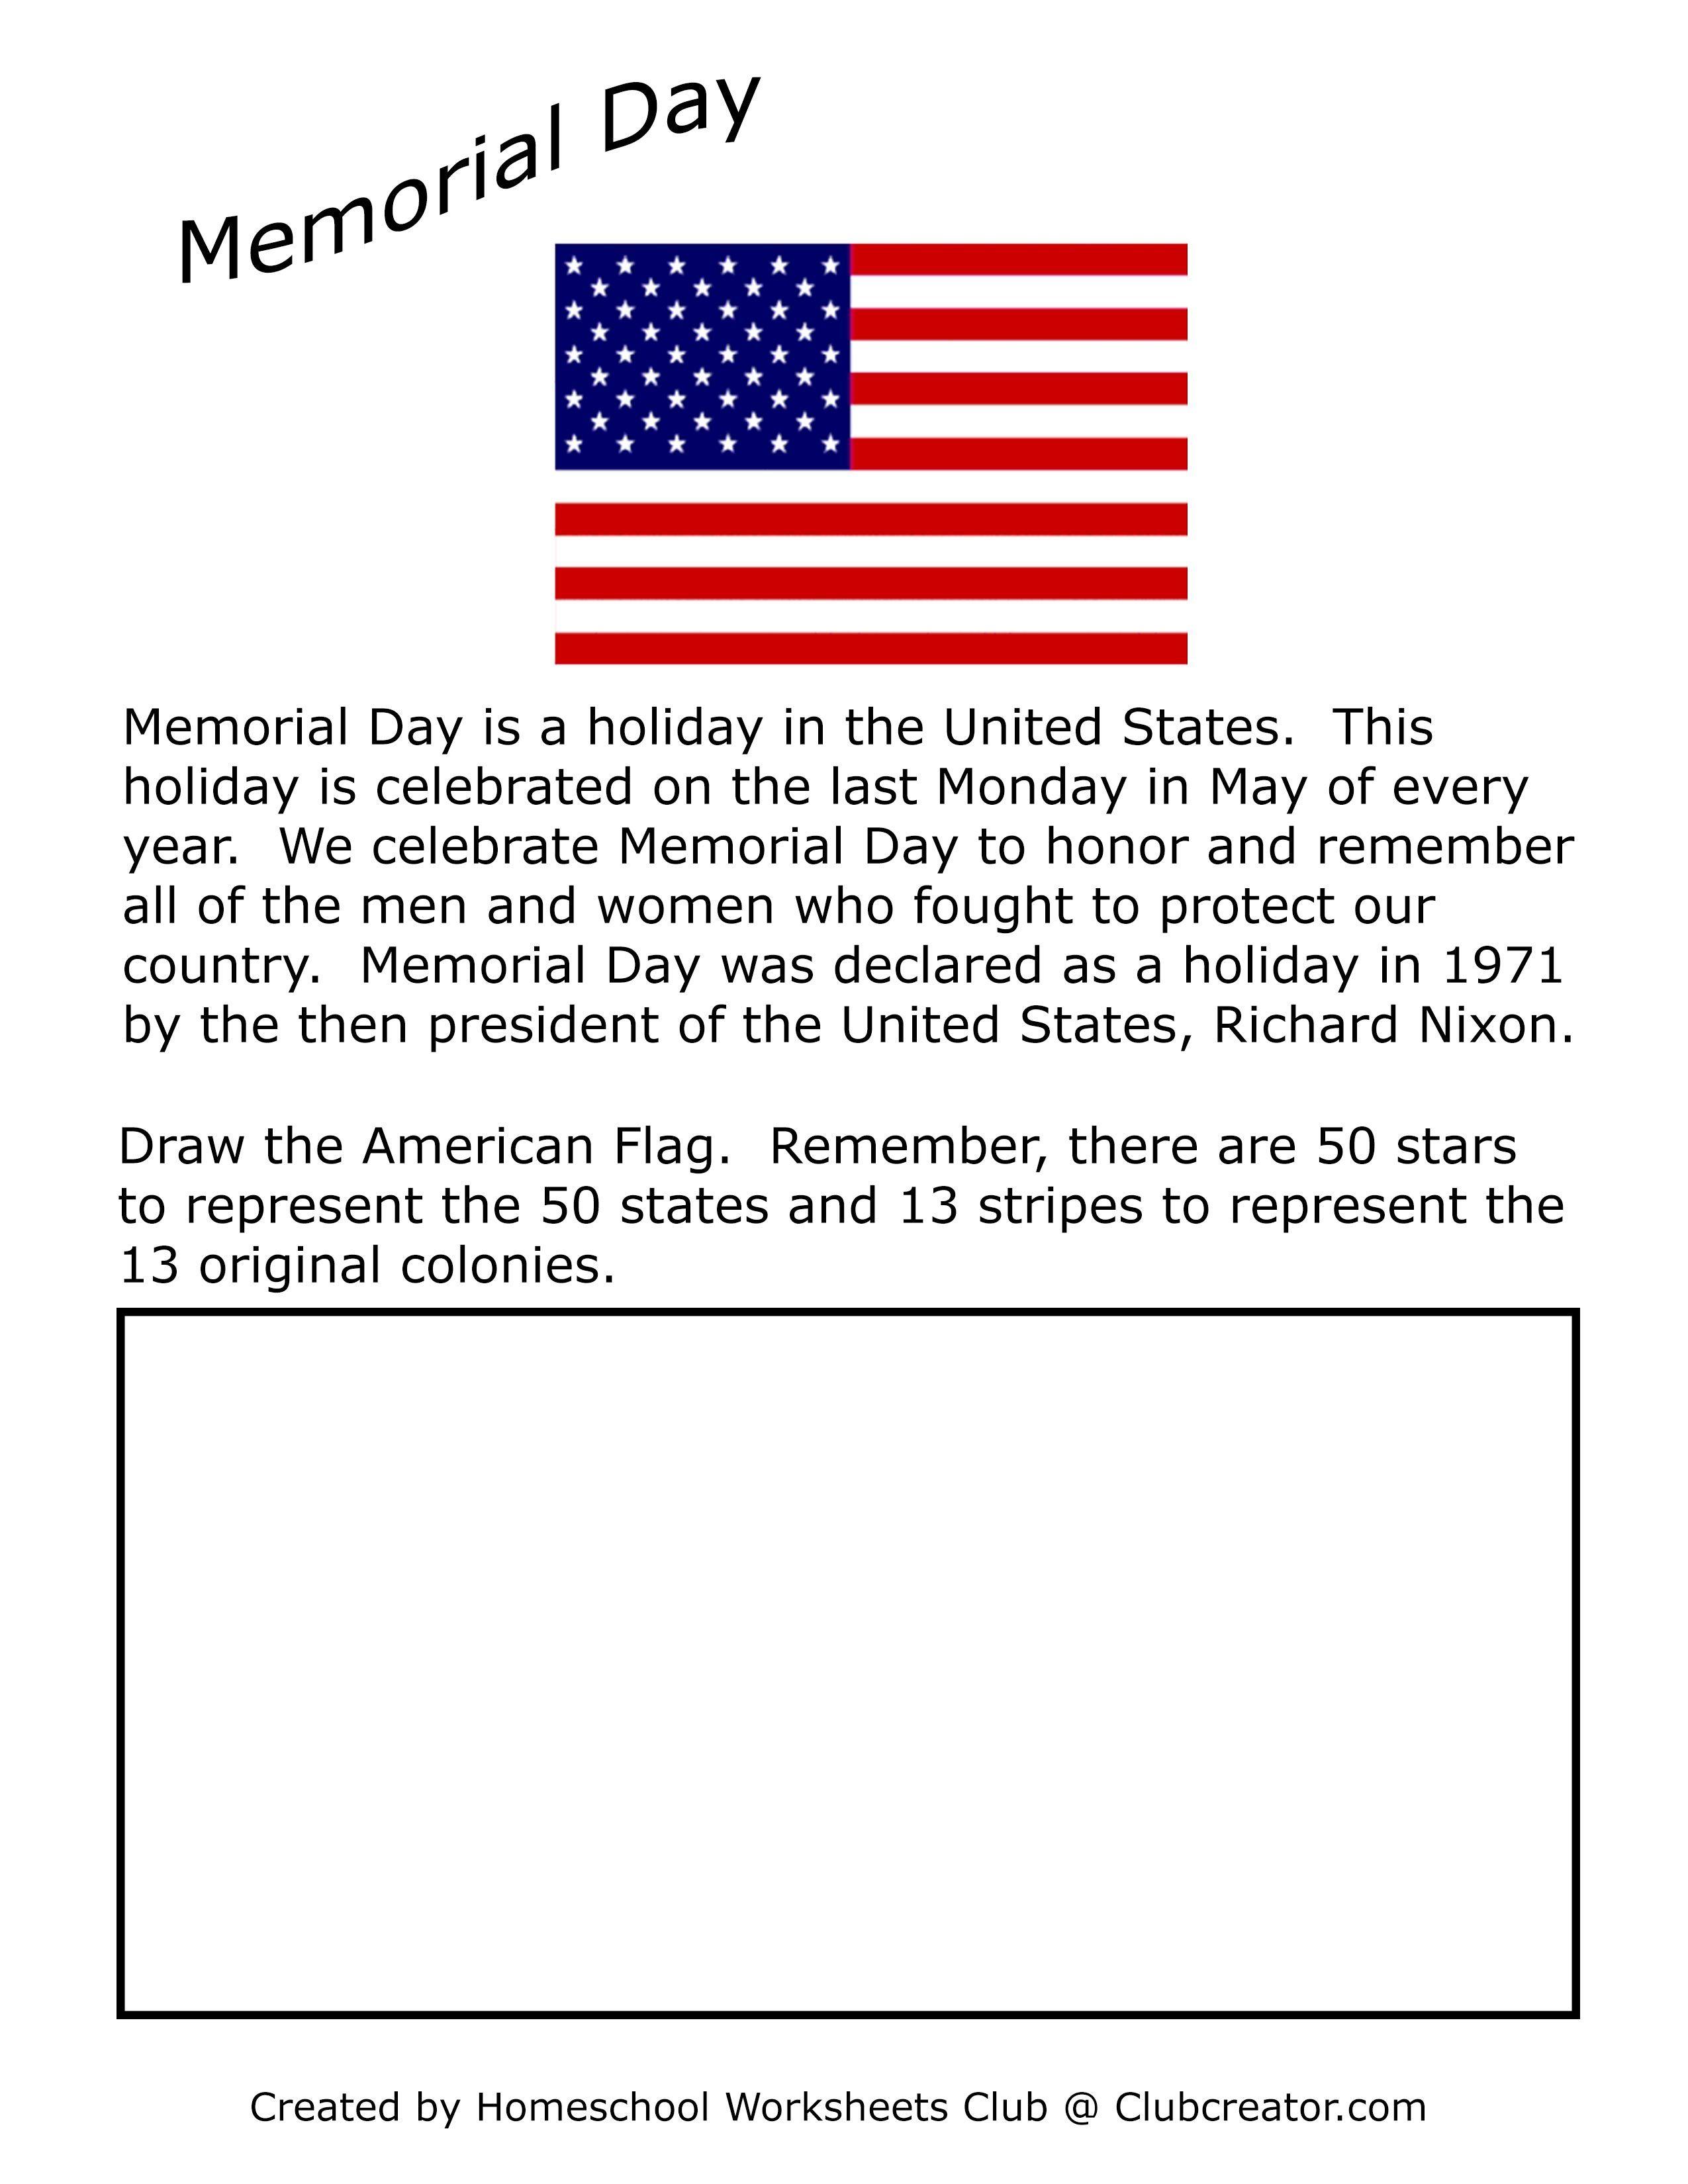 Memorial Day Worksheet Homeschool Worksheets Writing Practice Worksheets Writing Practice